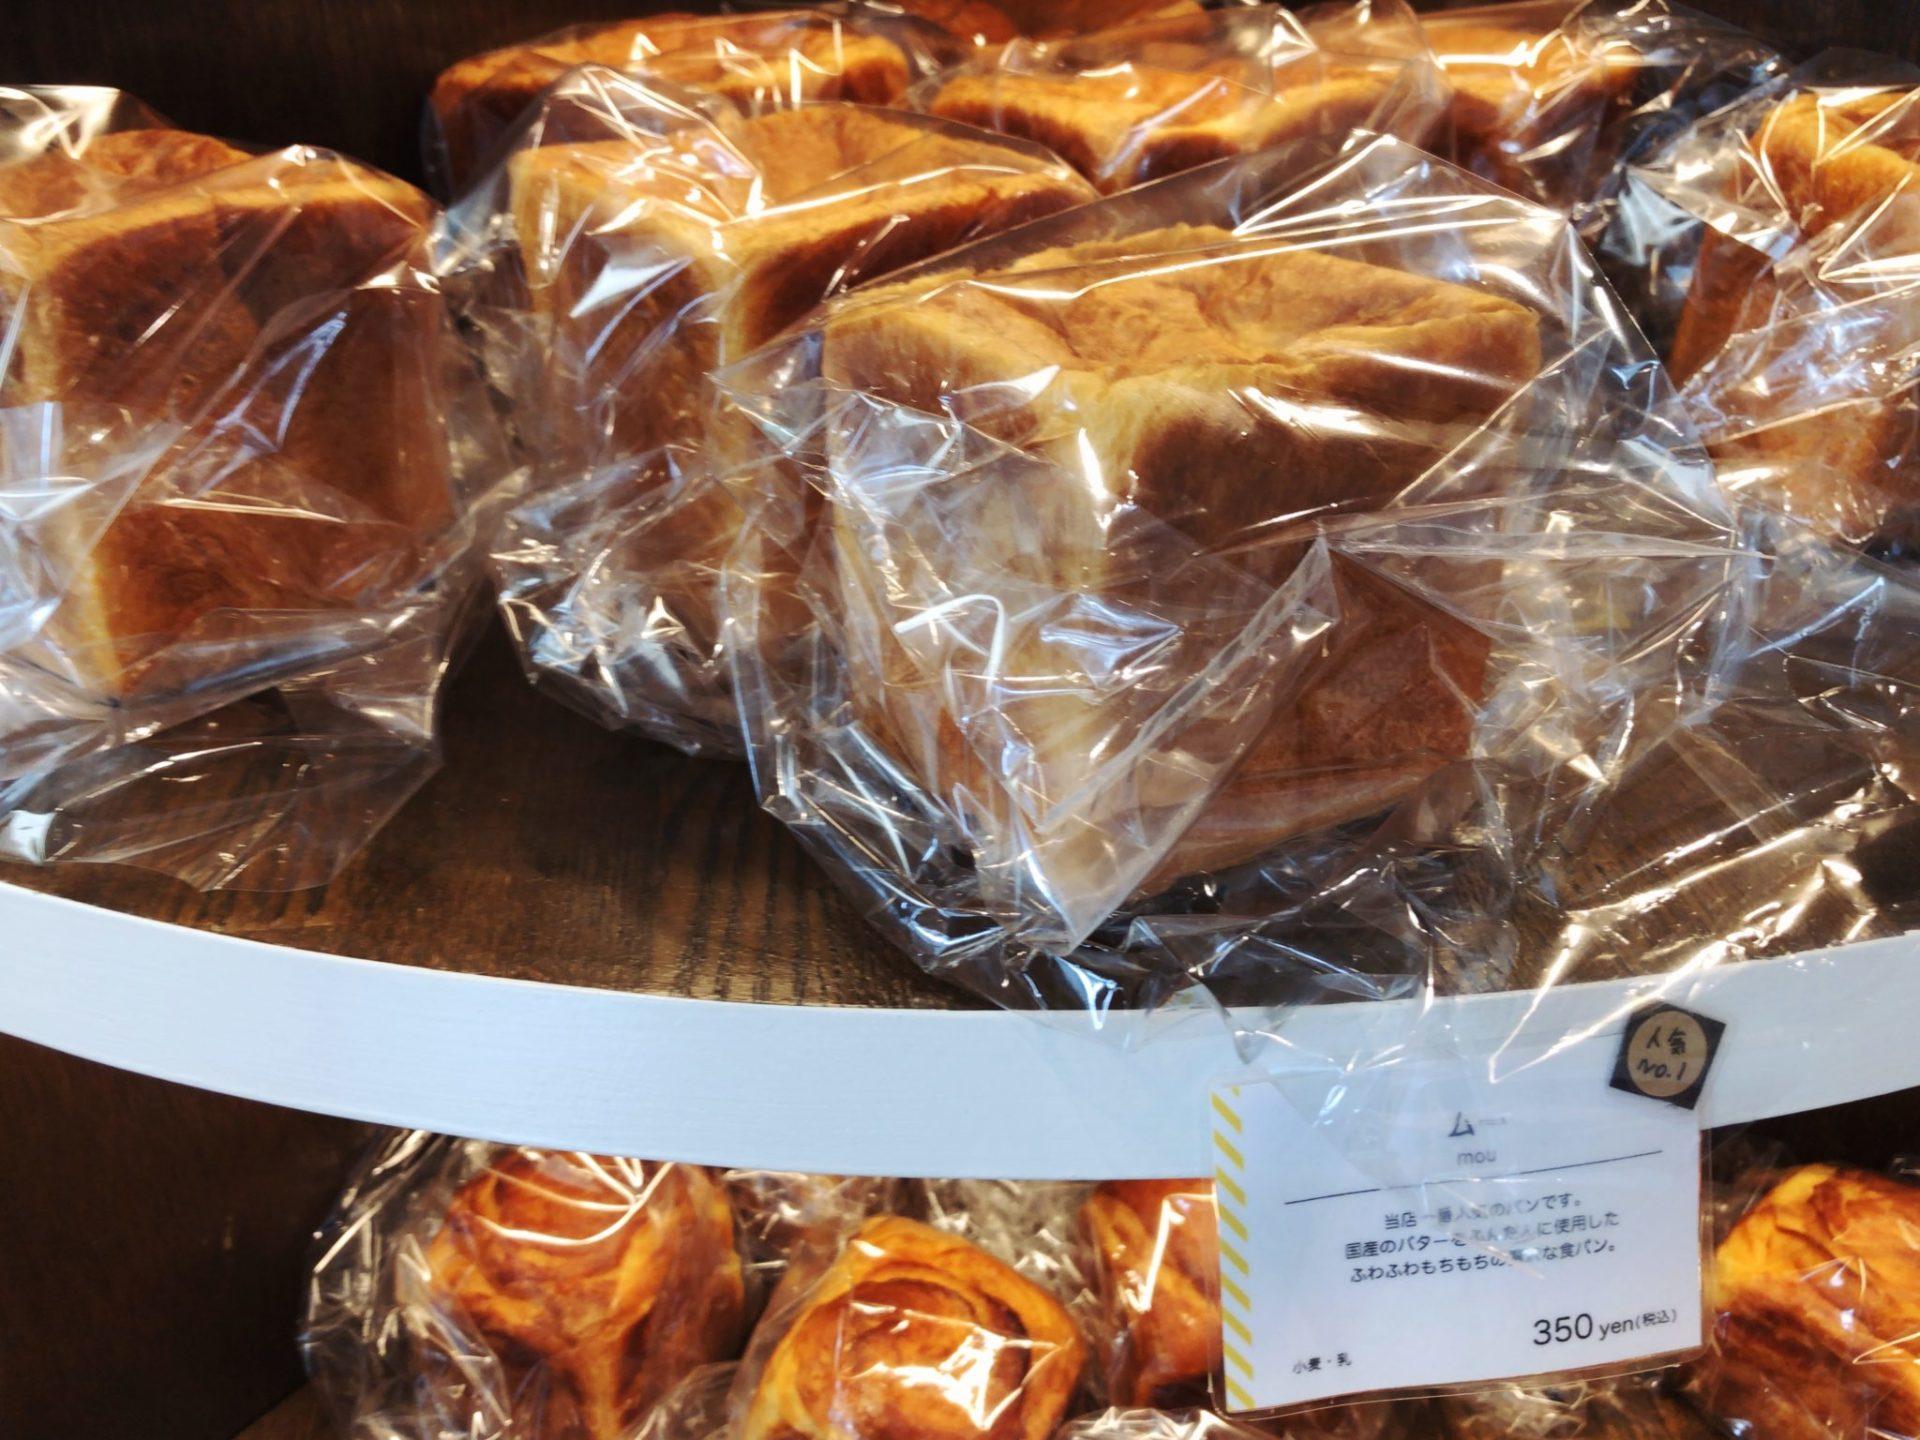 パンとエスプレッソとまと合わせミヤシタパーク(MIYASHITA PARK)のムー